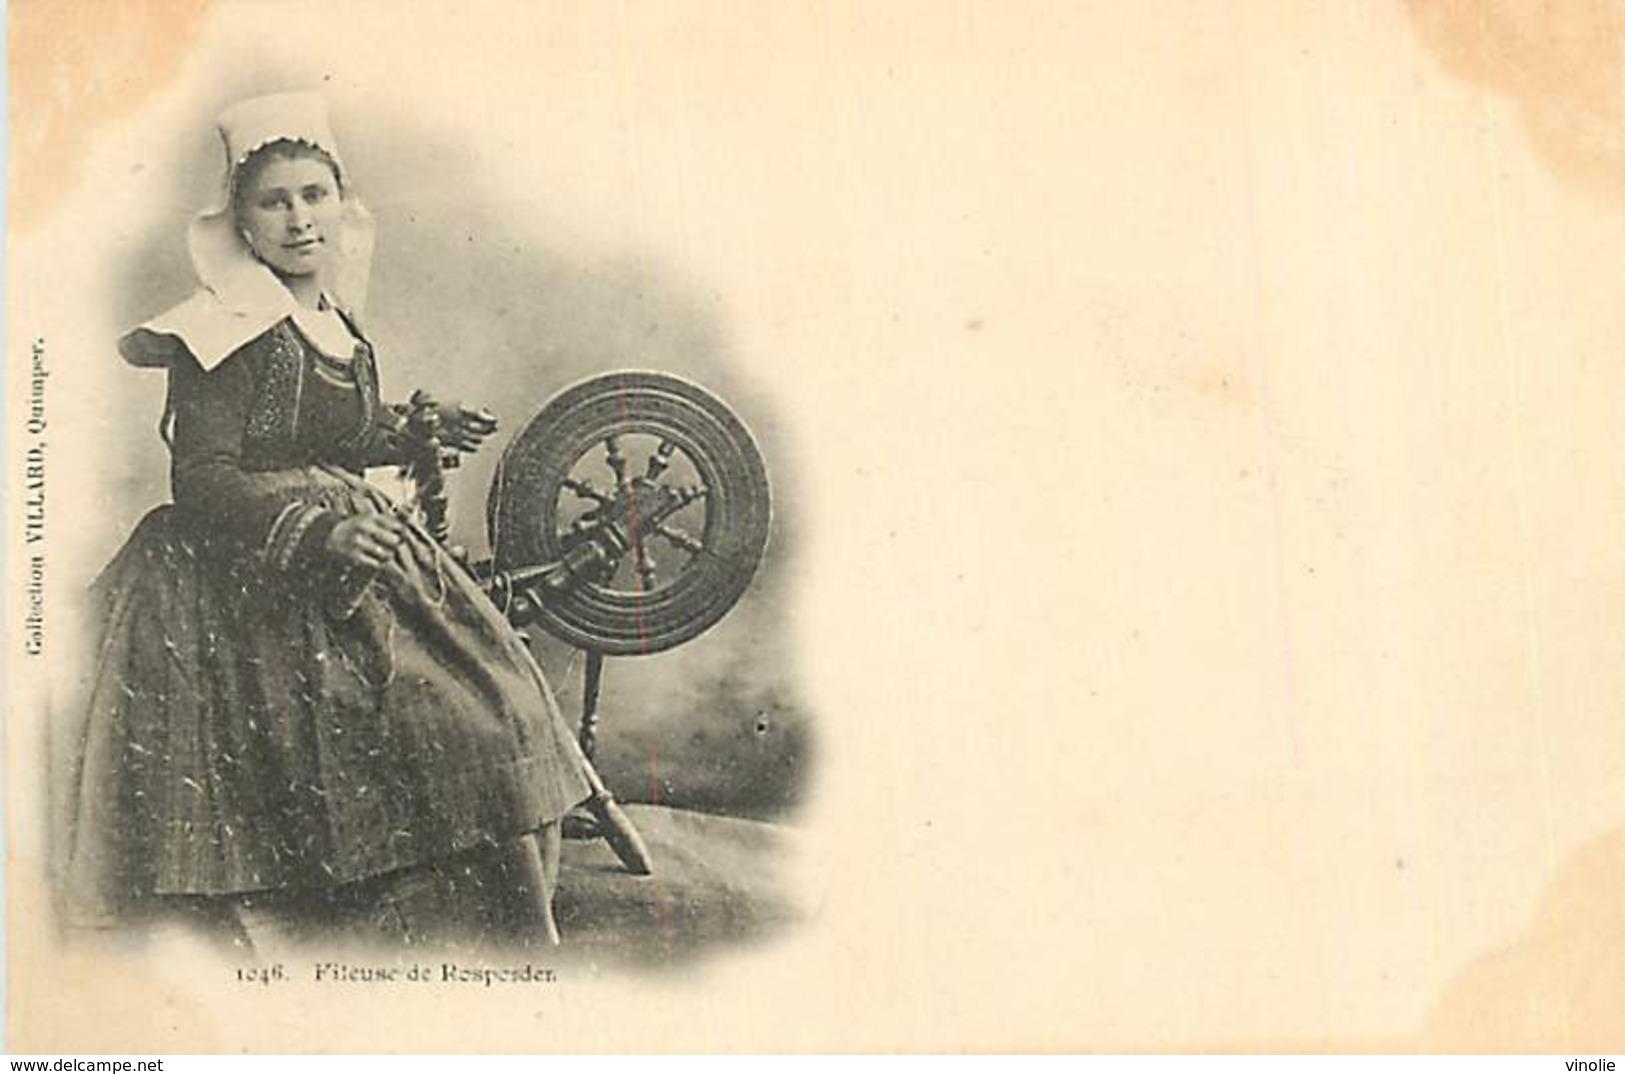 PIE-R-18-2155 : CARTE PRECURSEUR. JEUNE FEMME FILEUSE DE ROSPORDEN - Frankrijk